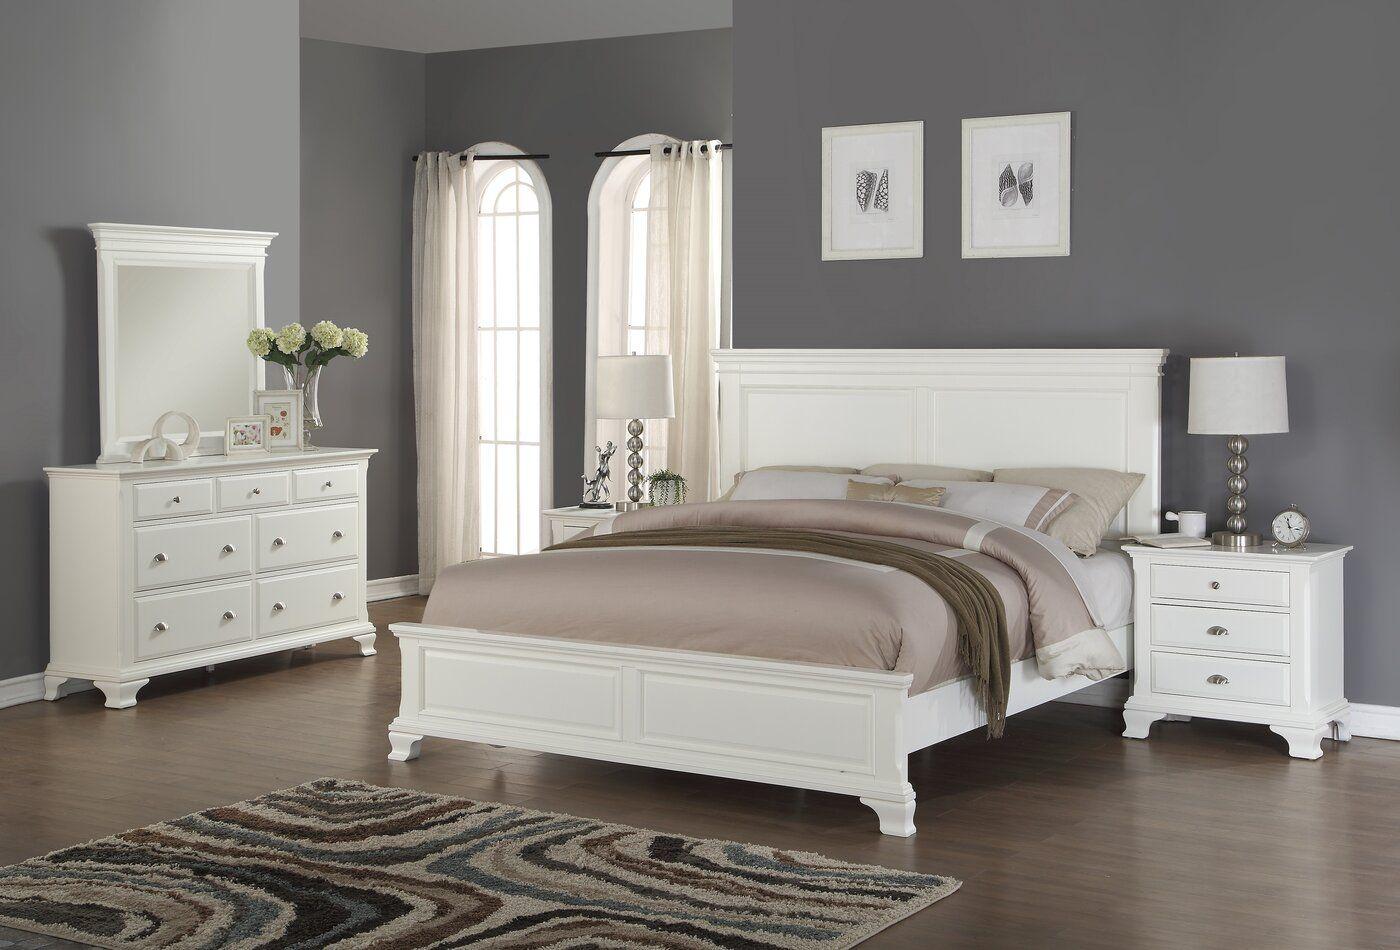 Shenk Standard 4 Piece Bedroom Set With Images Bedroom Sets